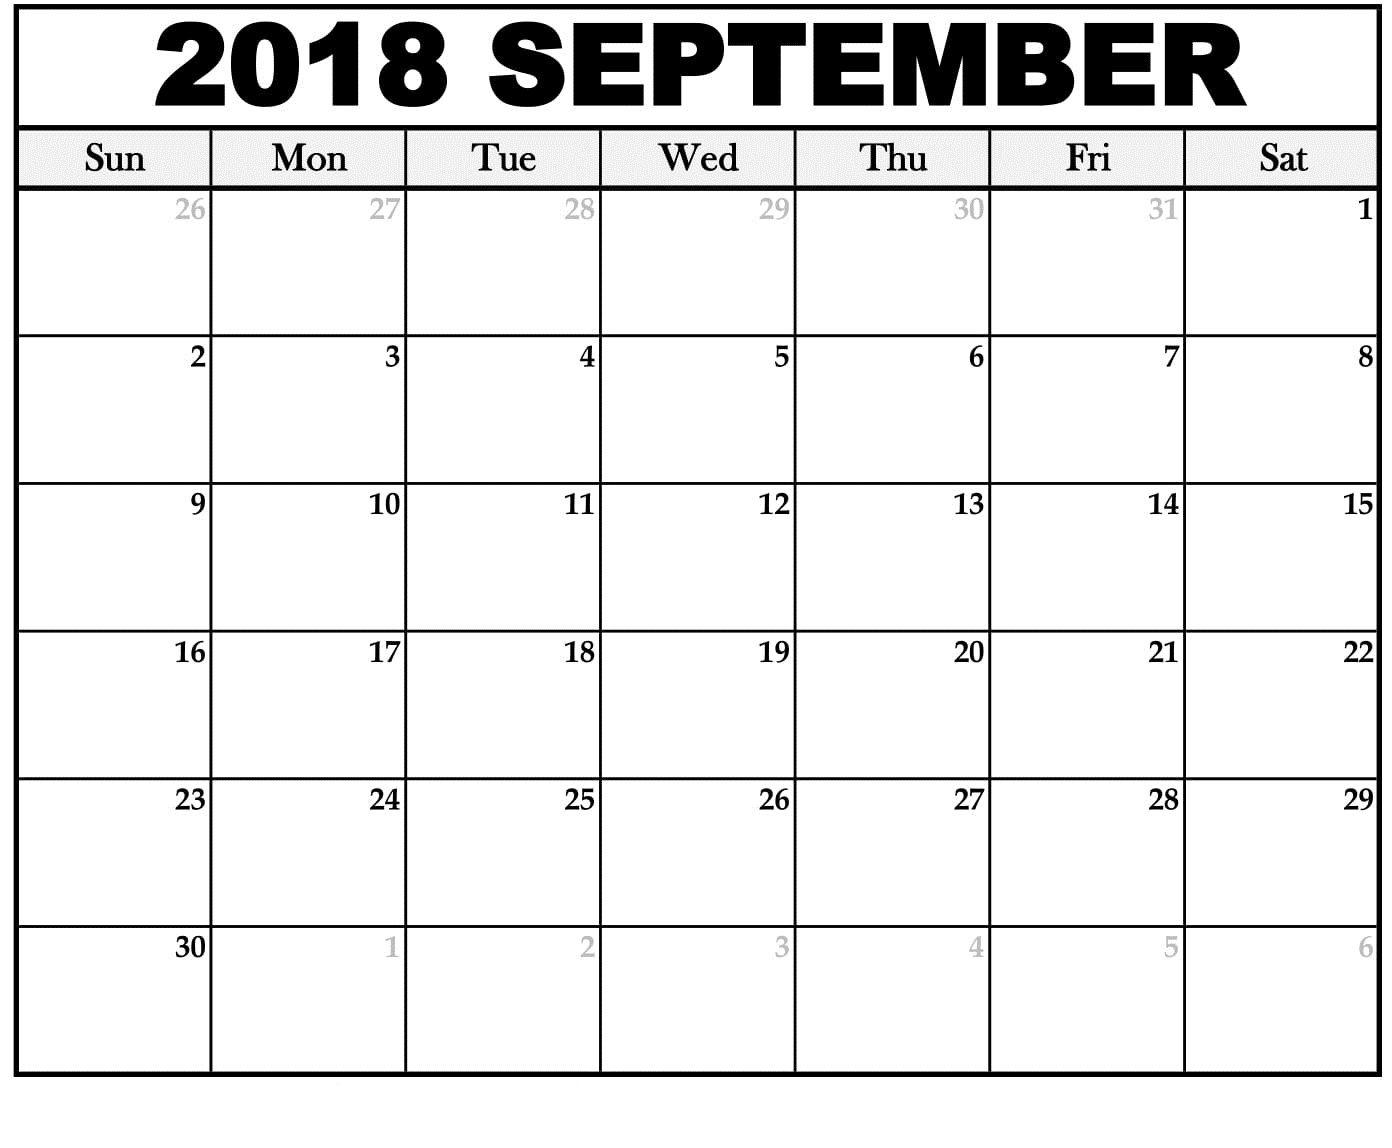 September 2018 calendar for powerpoint free printable september september 2018 calendar for powerpoint maxwellsz